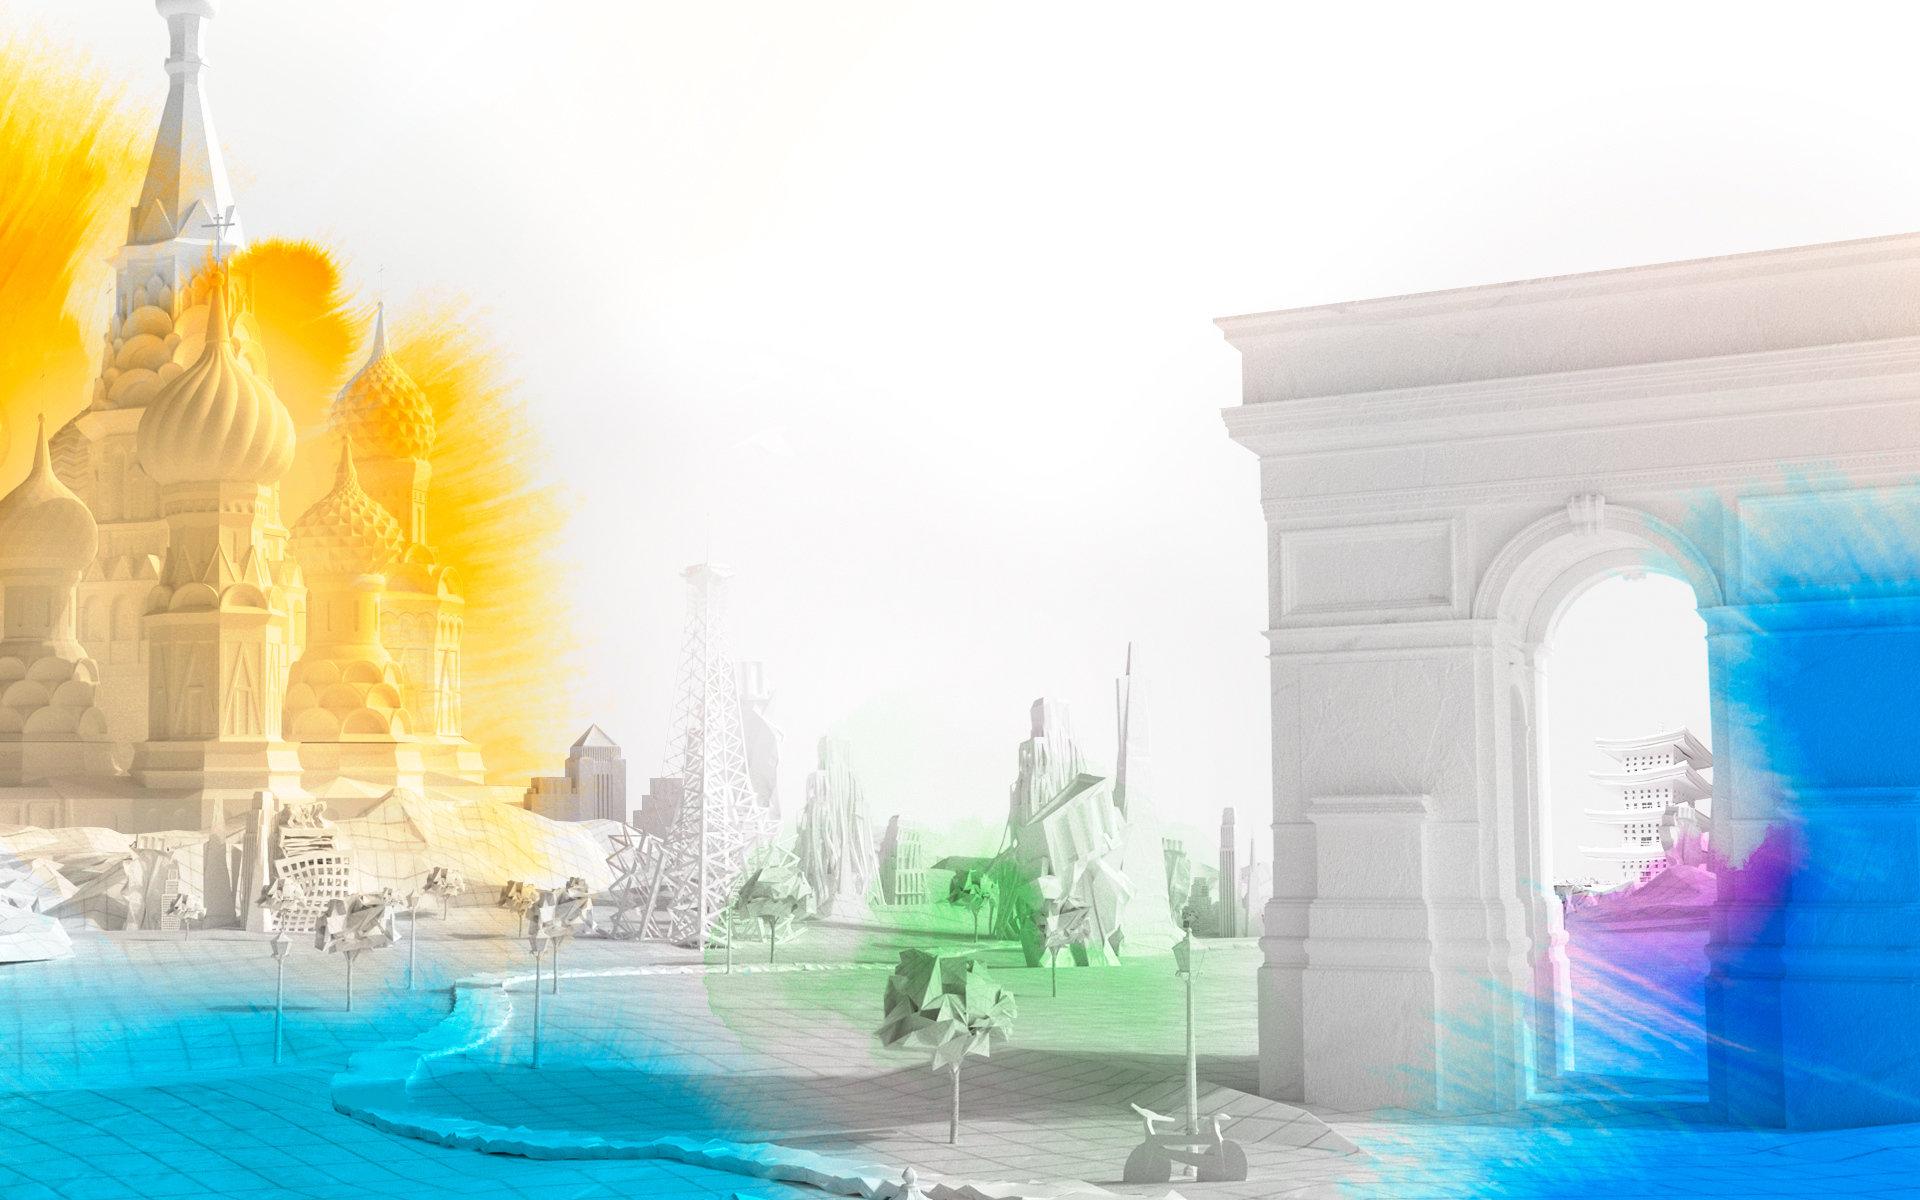 escenas de efectos especiales producidas para contenido original